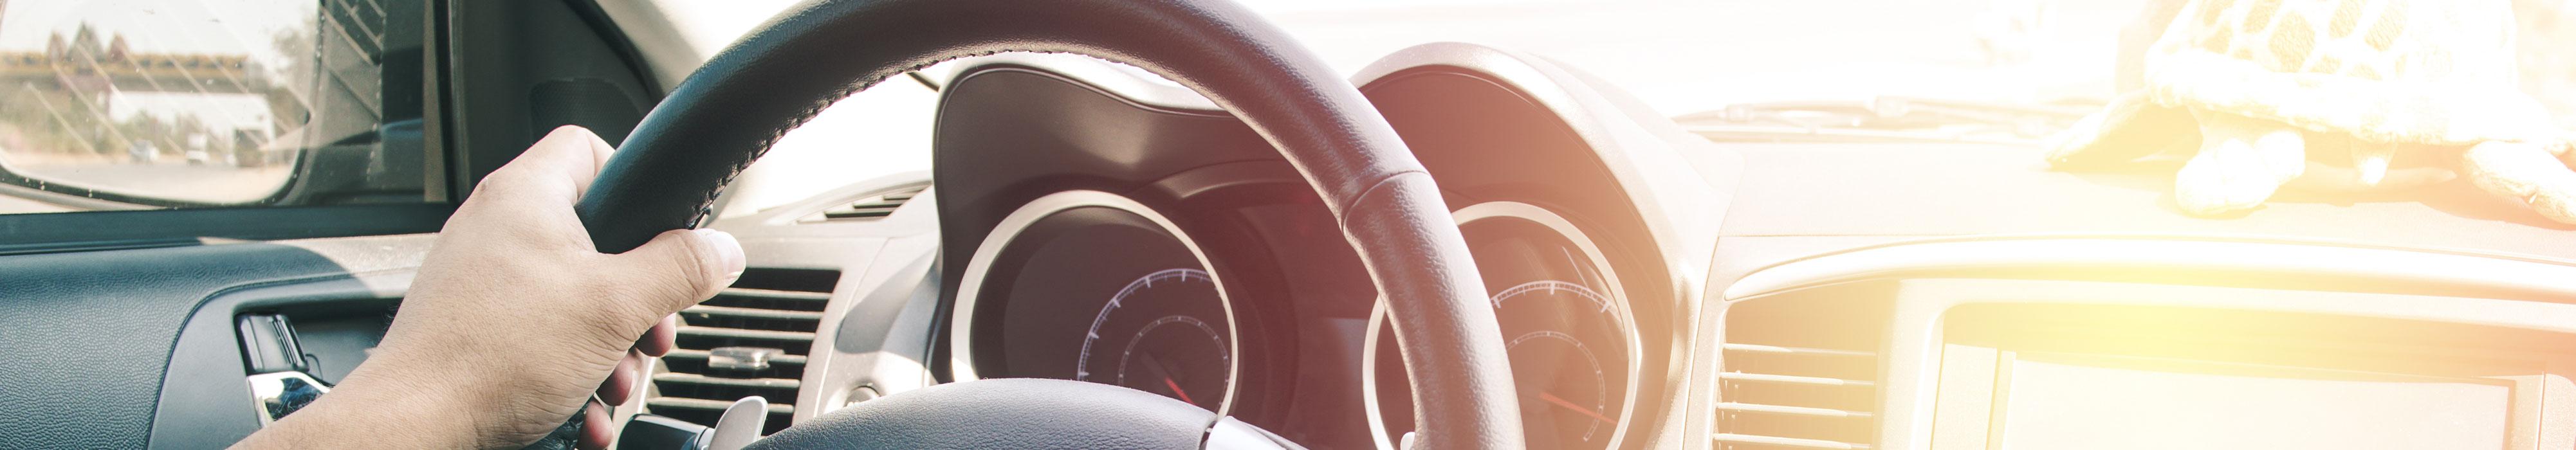 Les automatismes et réflexes pour une conduite sûre